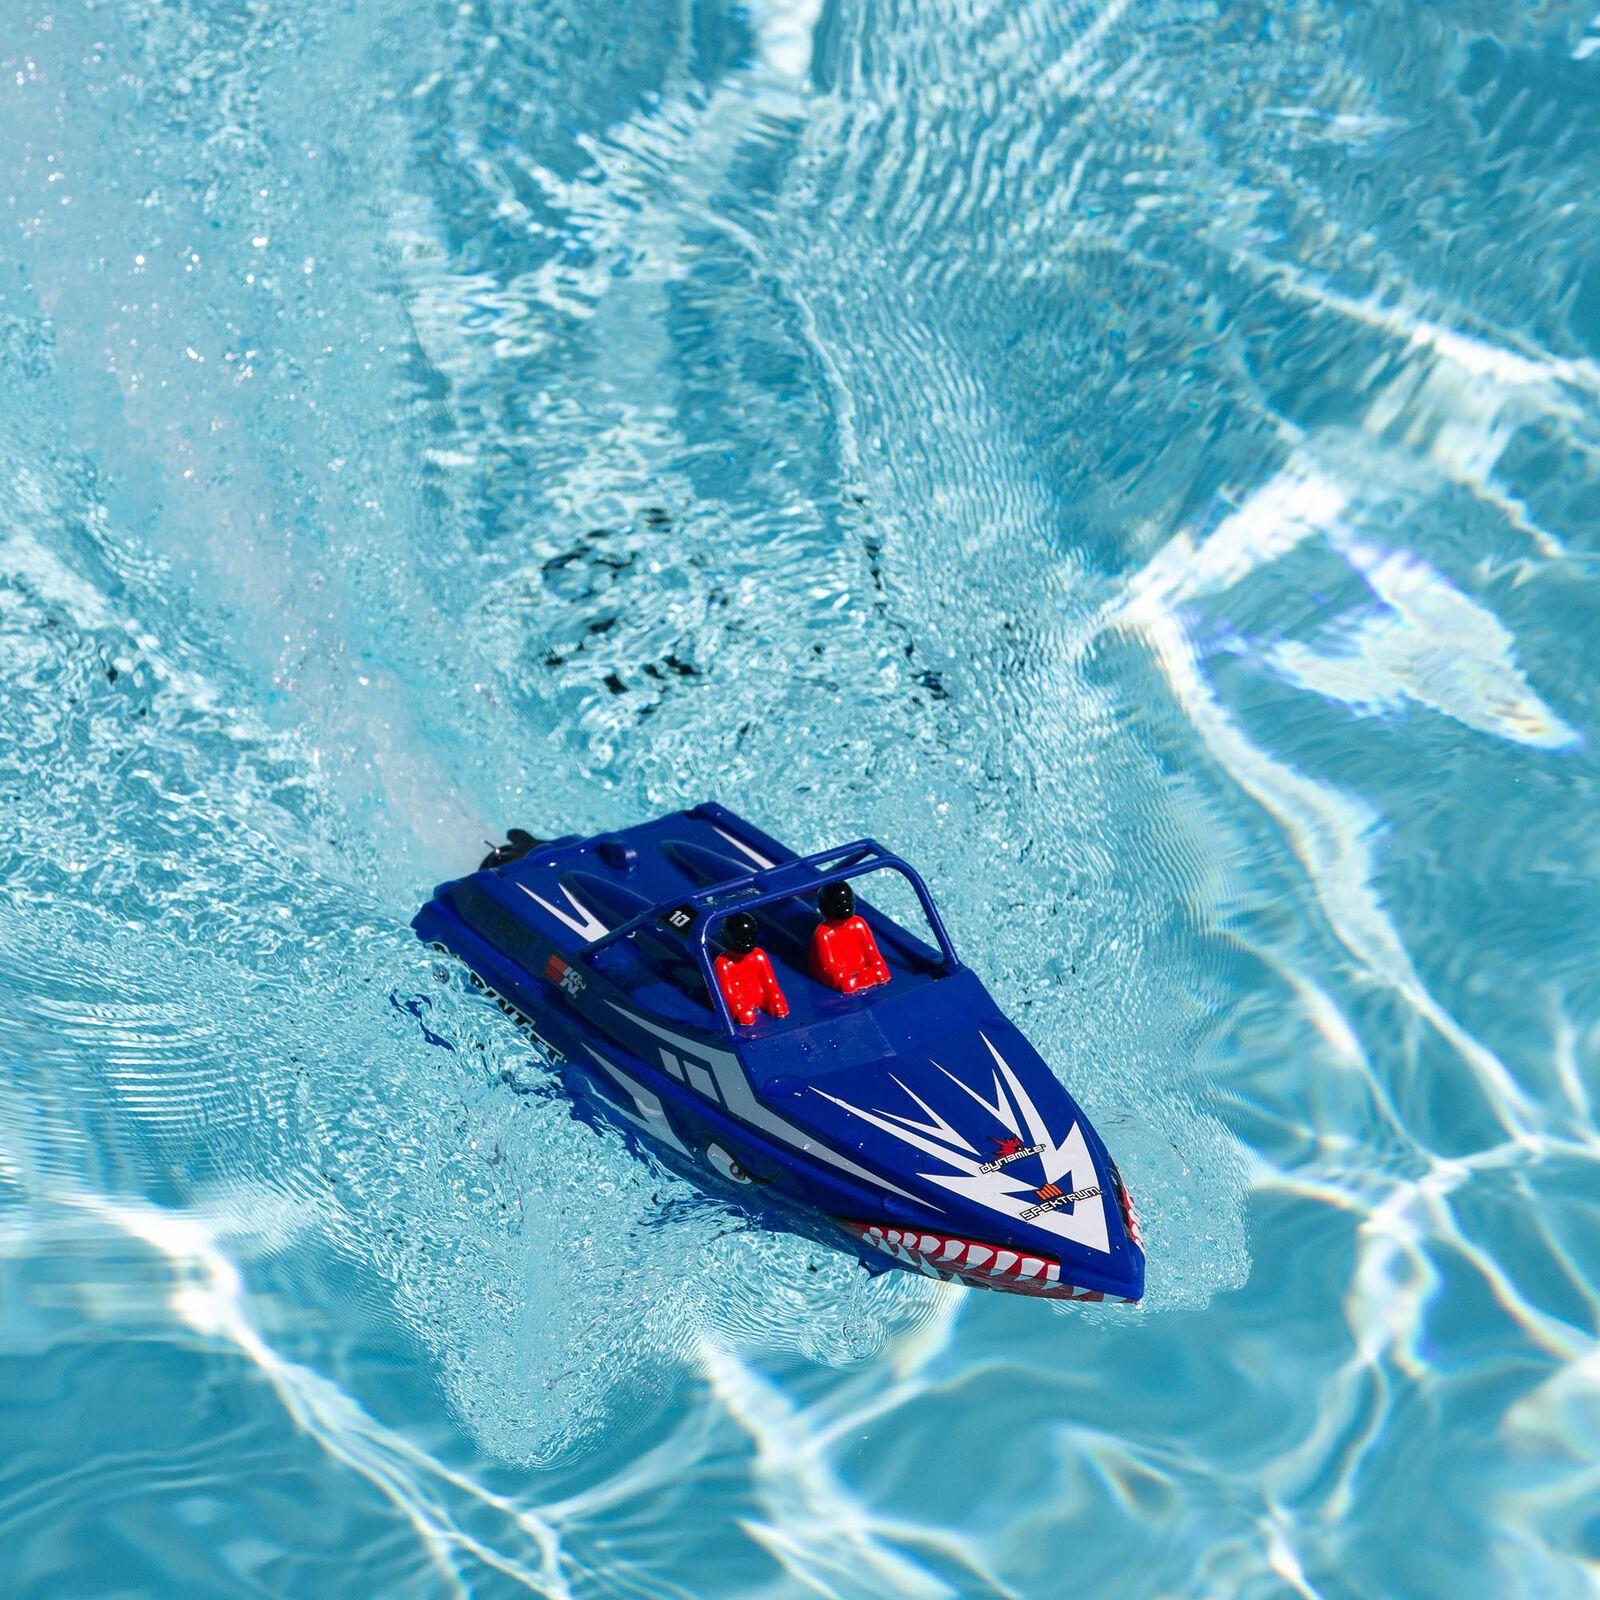 """Sprintjet 9"""" Self-Righting Jet Boat Brushed RTR, Blue"""